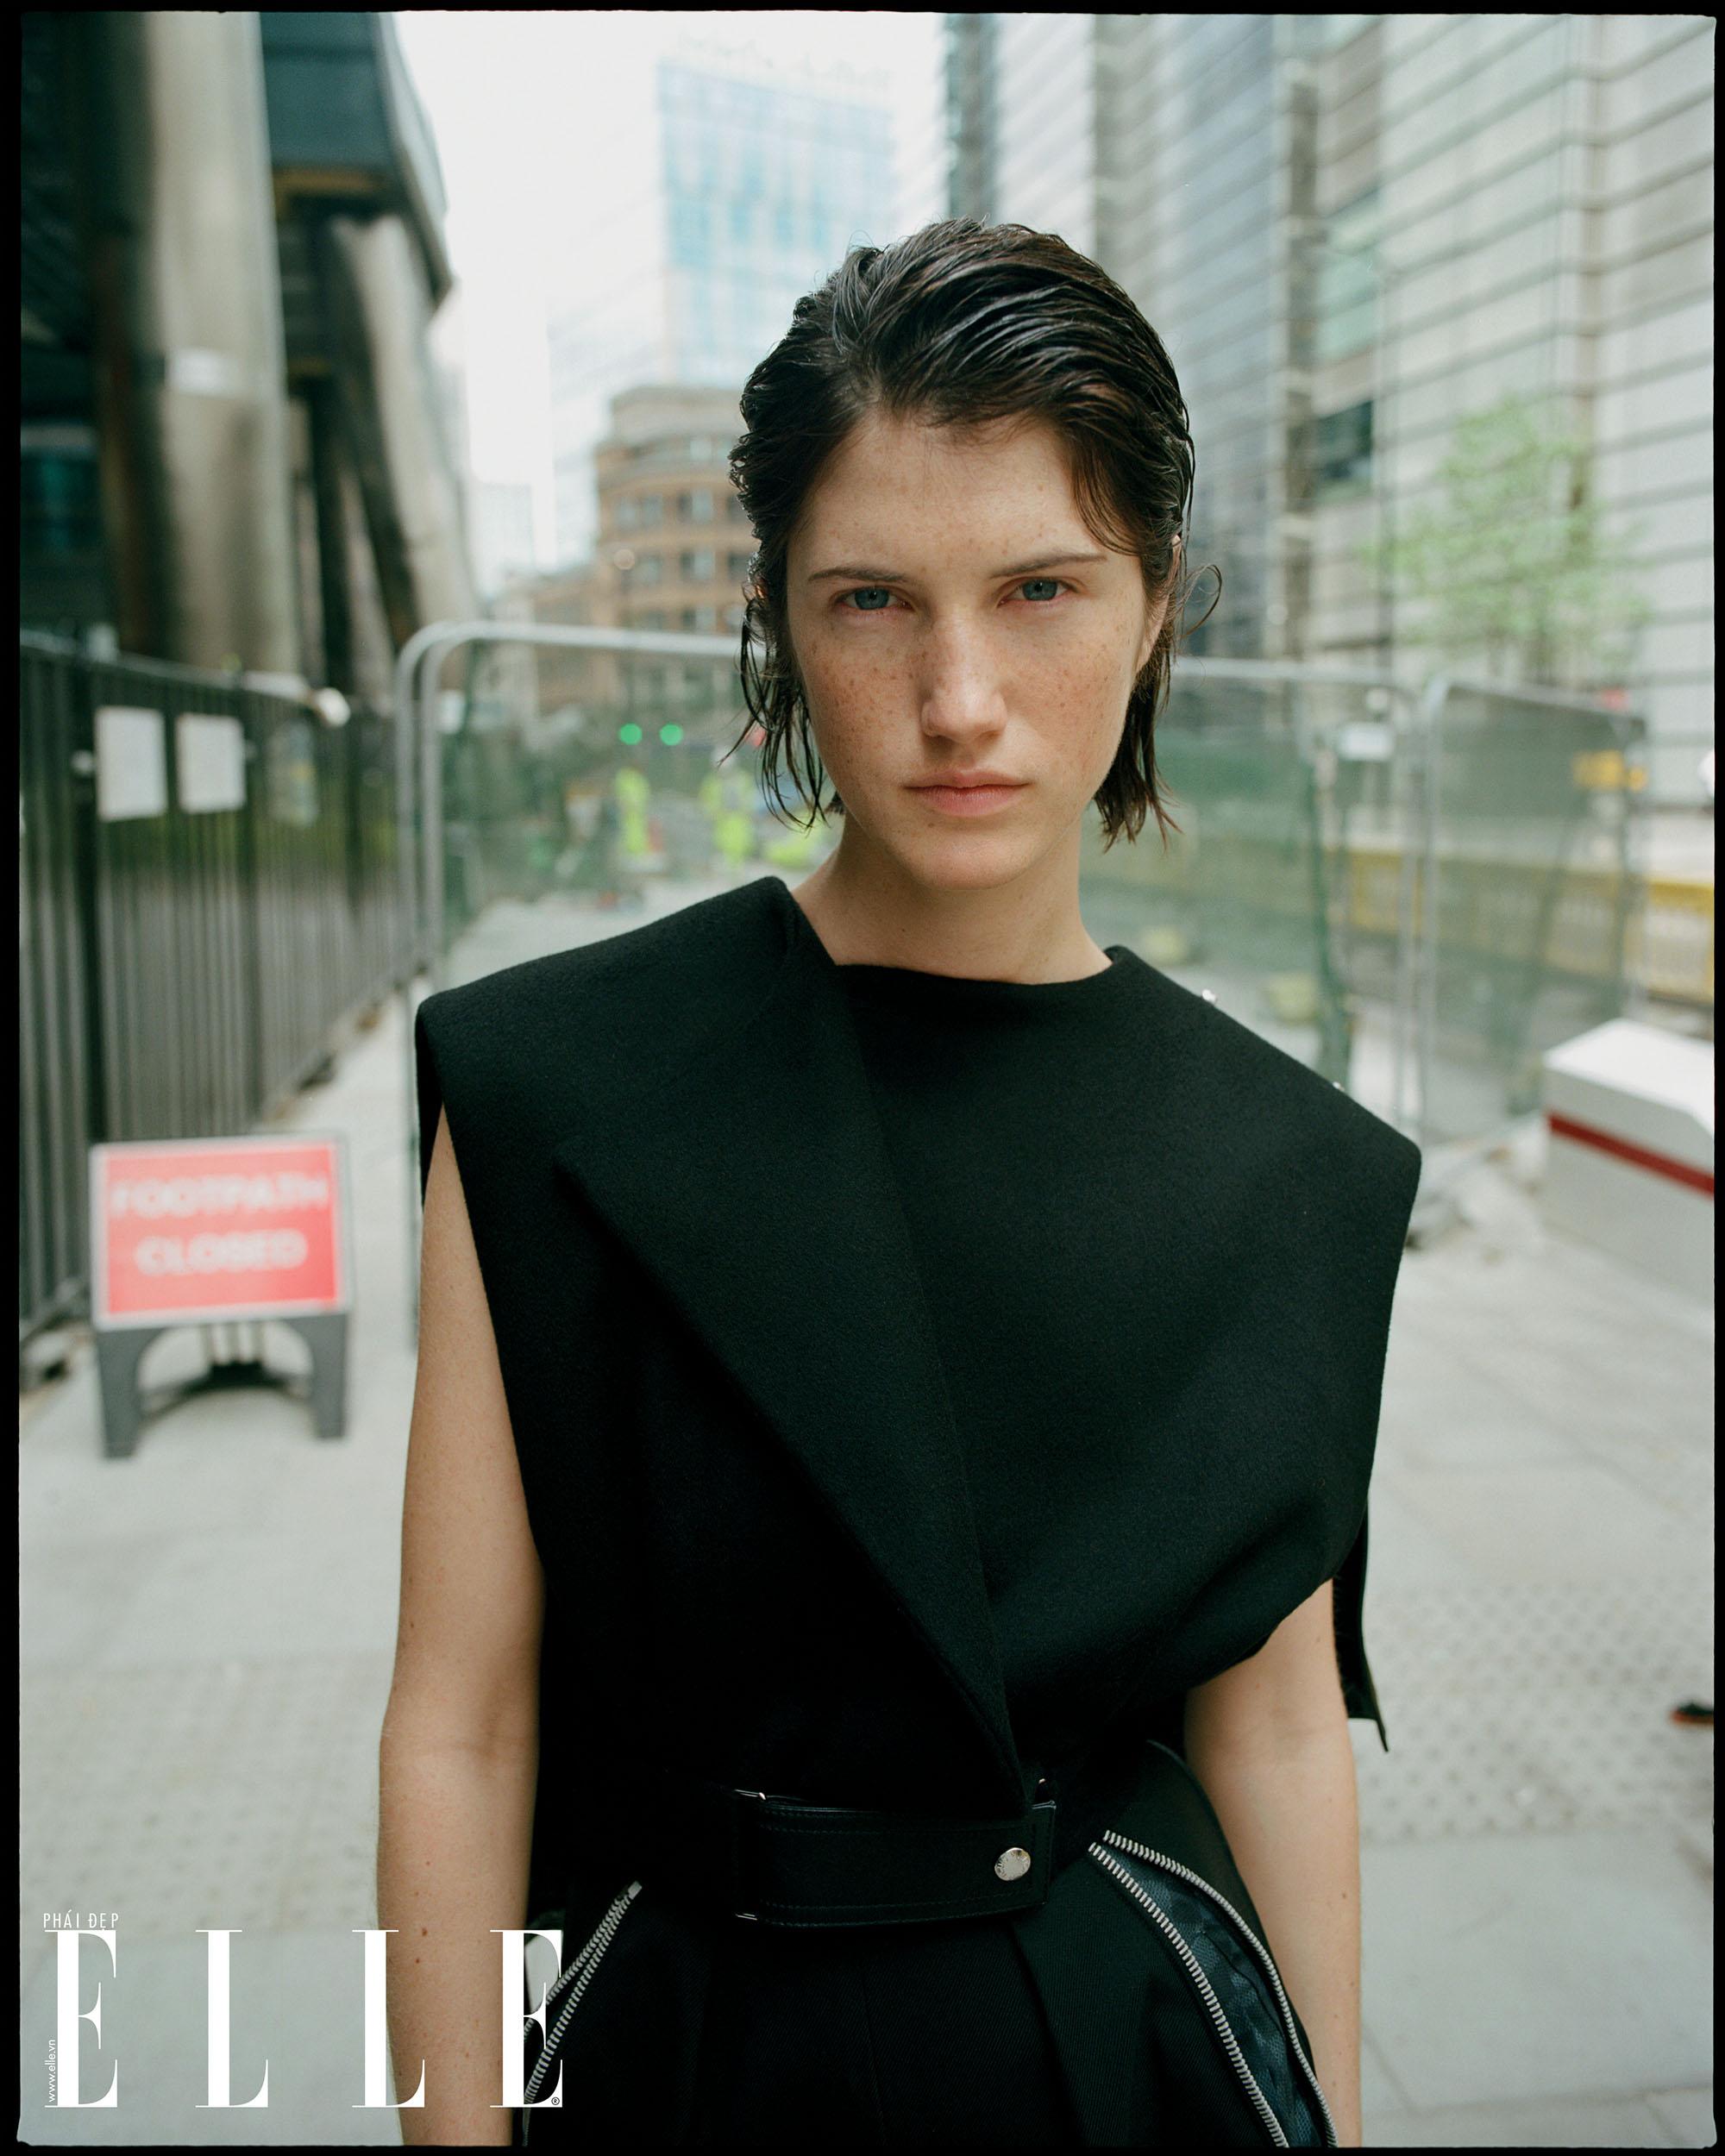 bộ ảnh người mẫu mặc trang phục đen chân dung